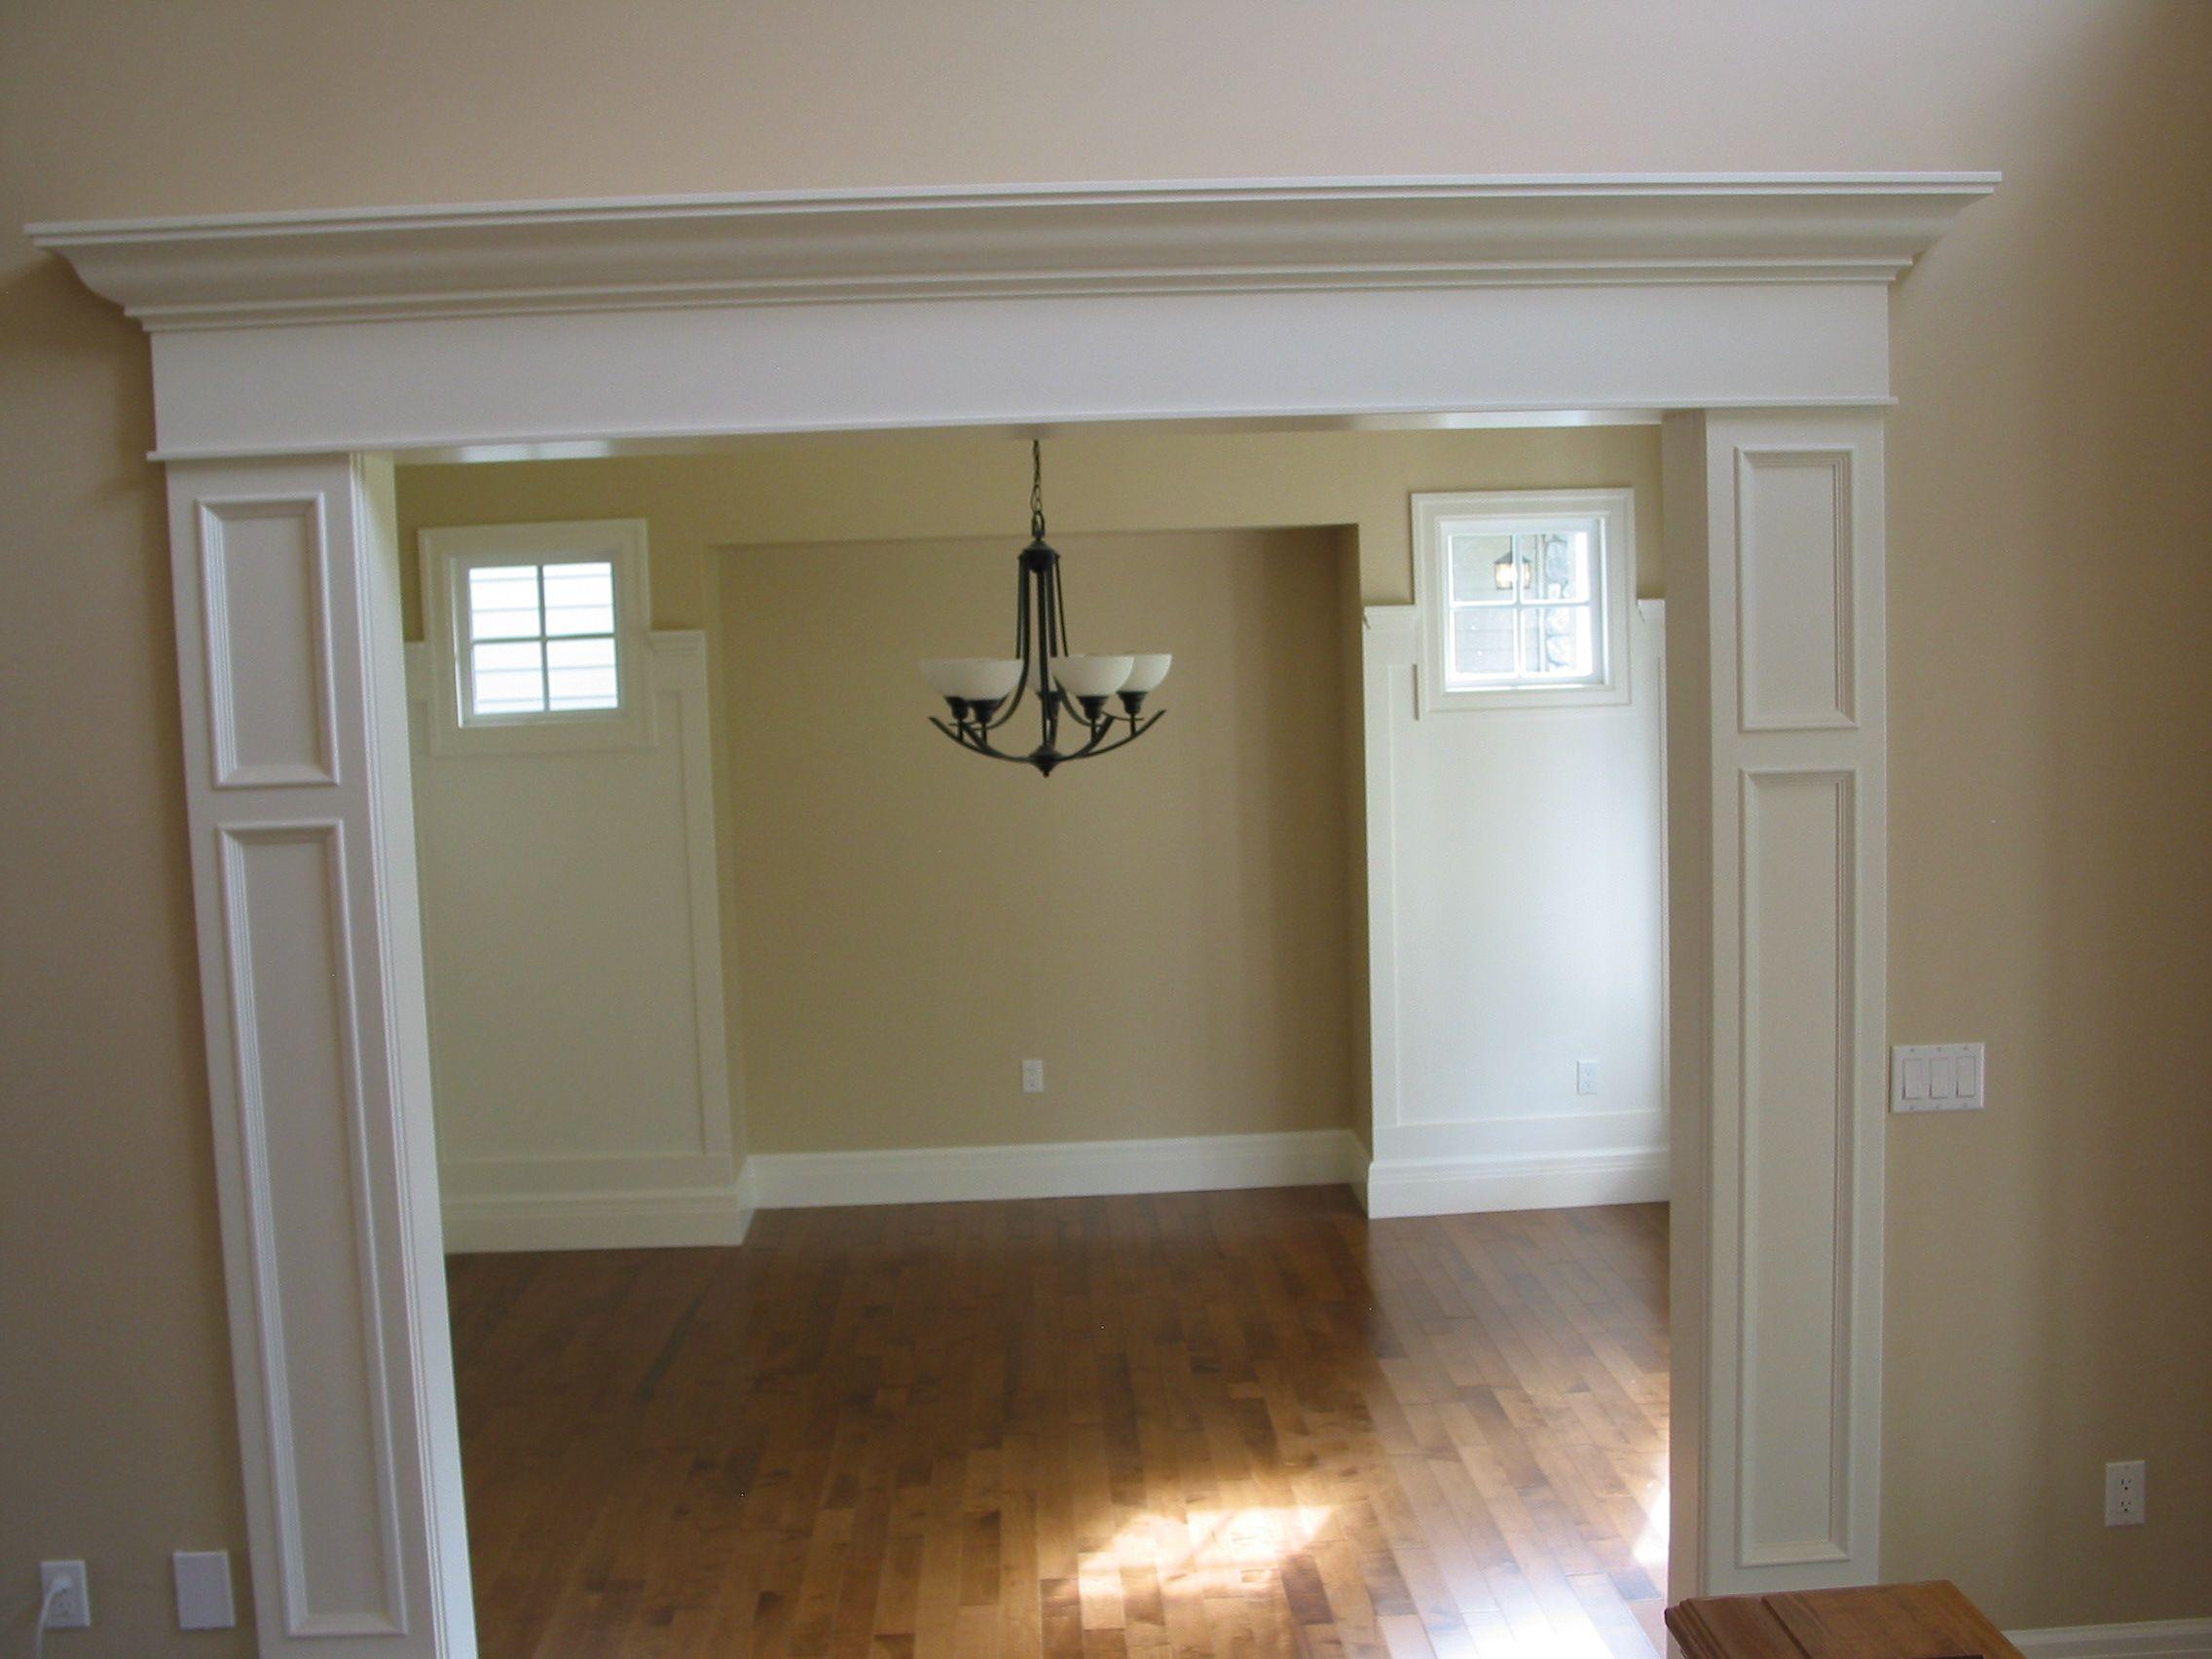 carpenter-goias-home-improvement-newjersey (1).jpg